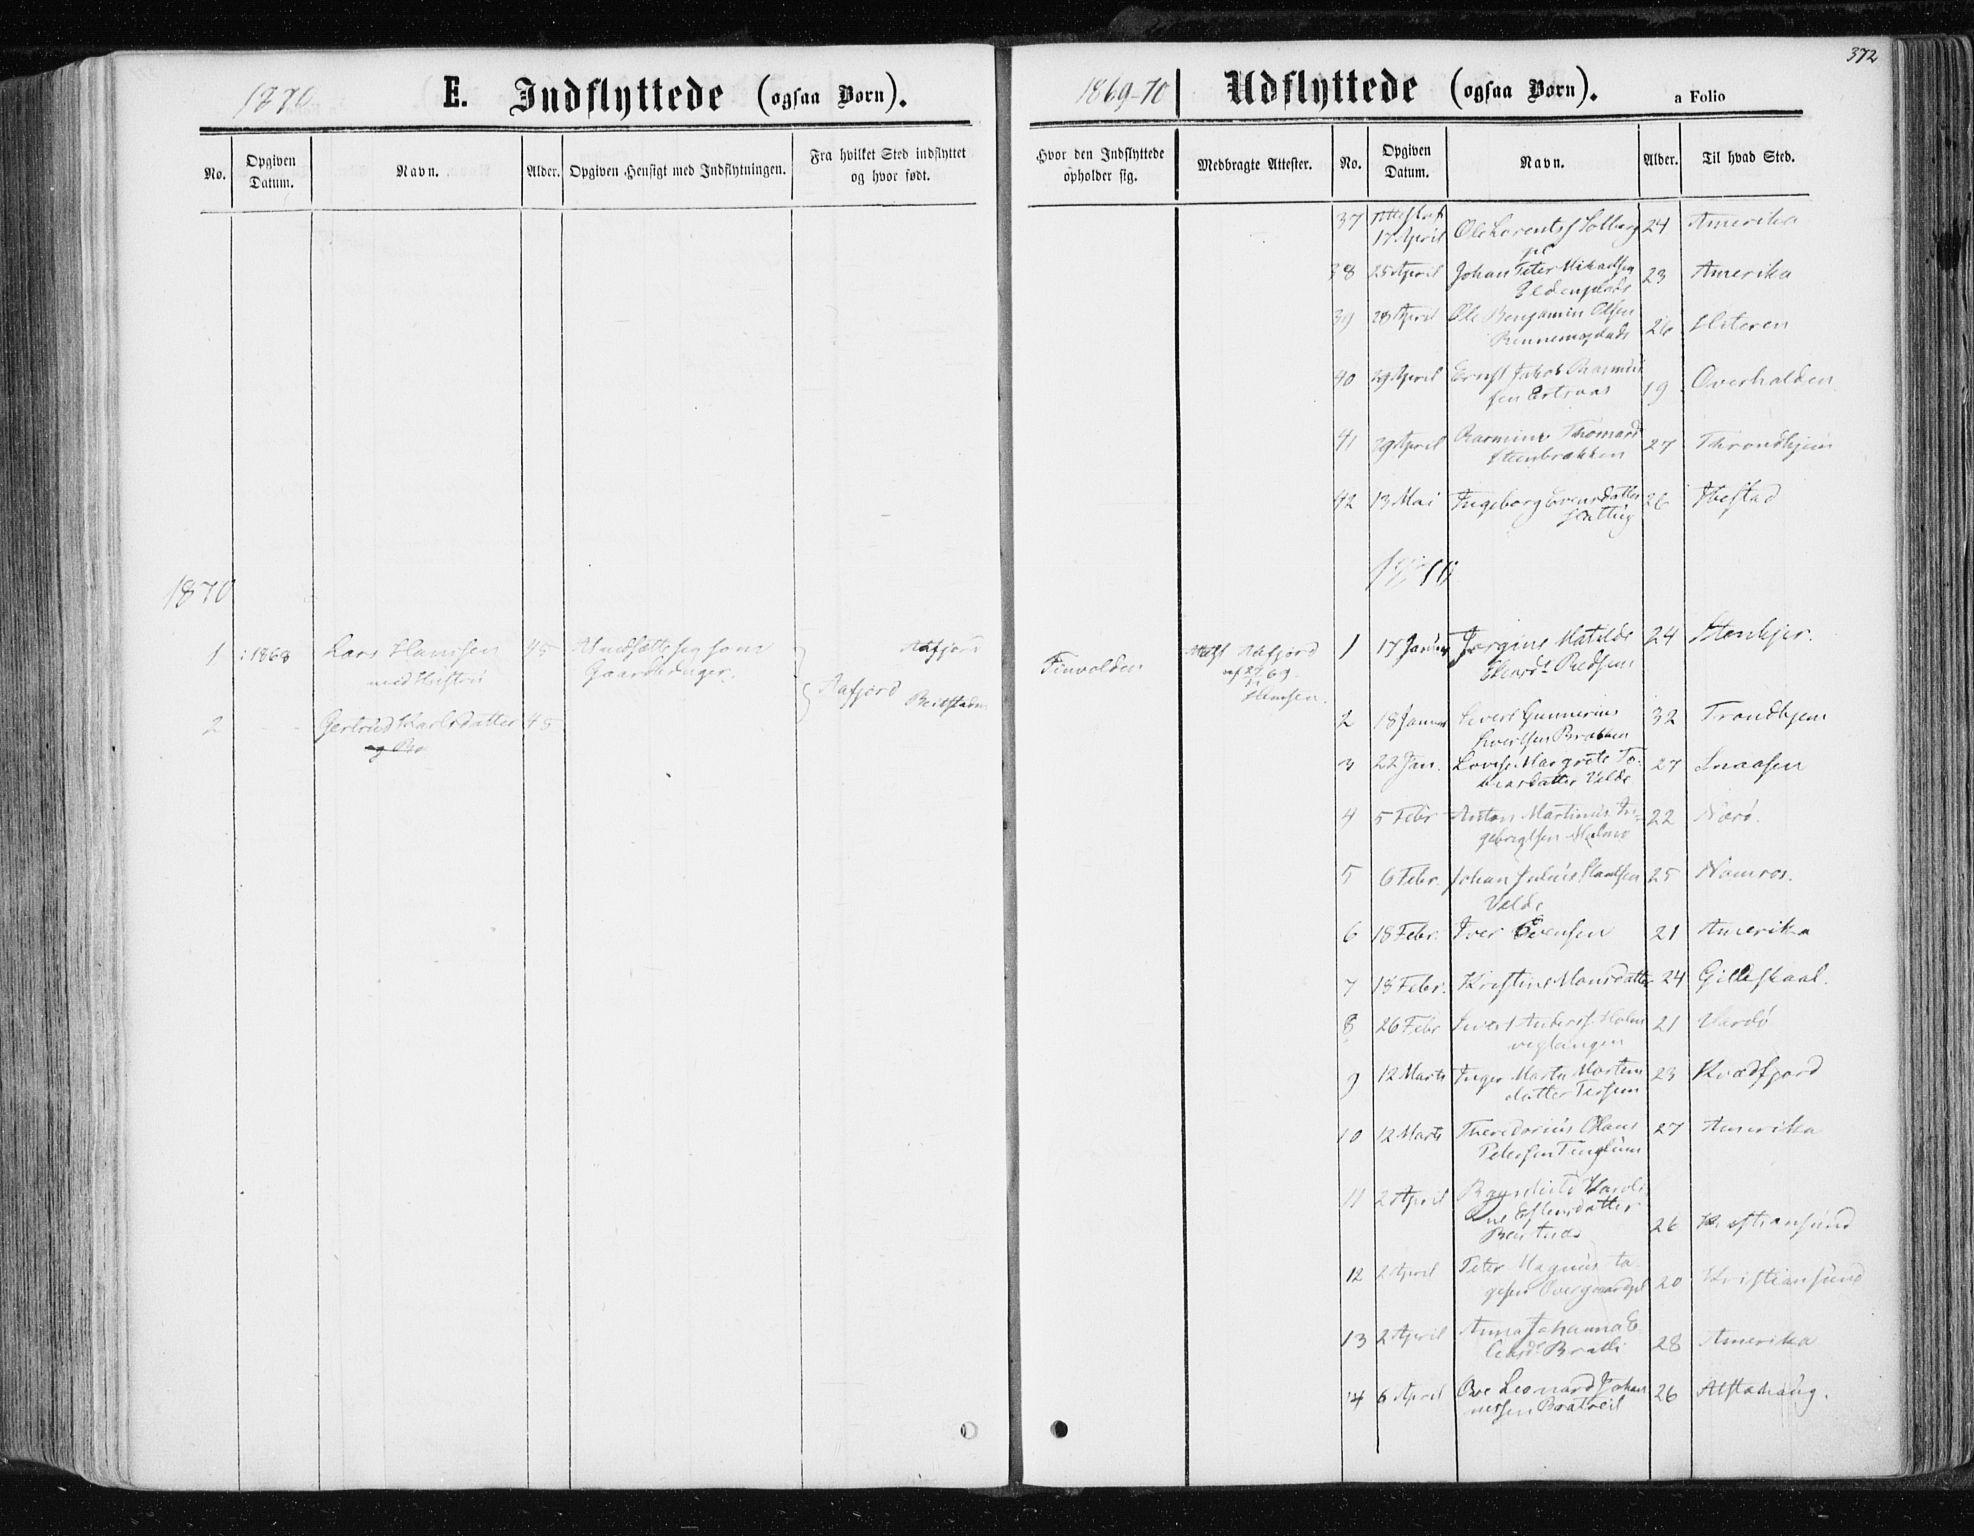 SAT, Ministerialprotokoller, klokkerbøker og fødselsregistre - Nord-Trøndelag, 741/L0394: Ministerialbok nr. 741A08, 1864-1877, s. 372